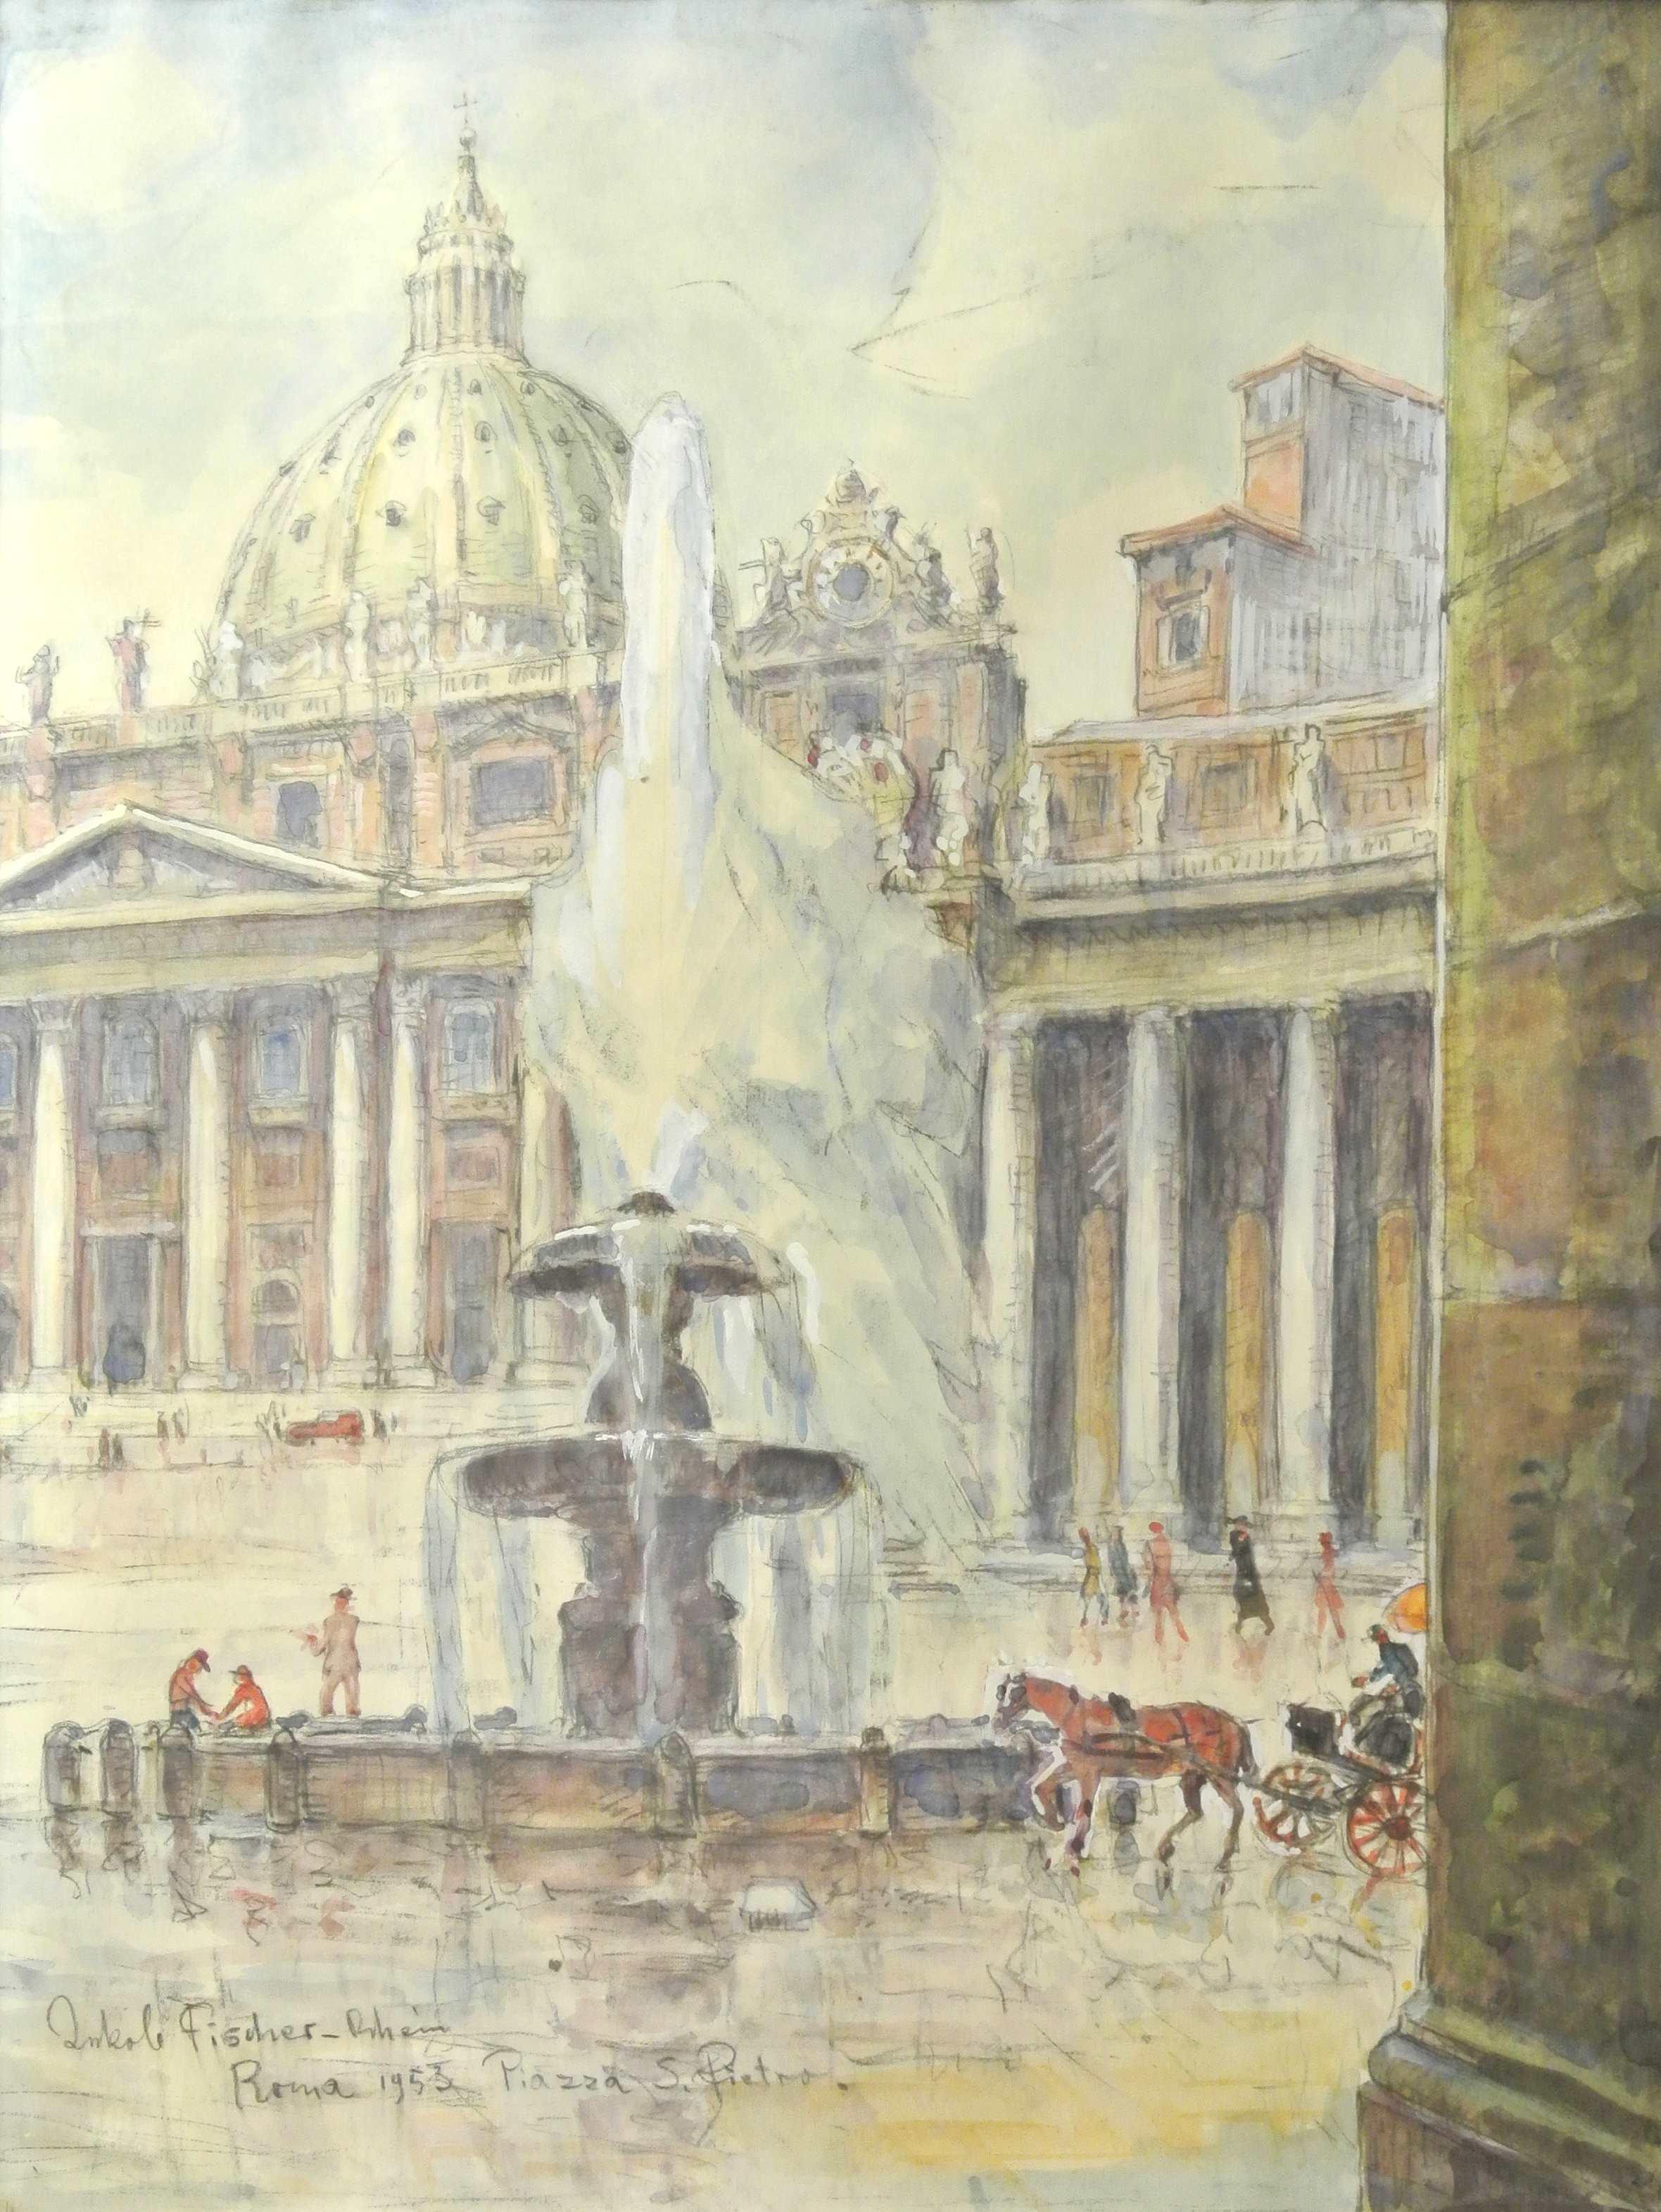 Piazza S.Pietro, Rom, 1953 für vergrößerte Ansicht anklicken!